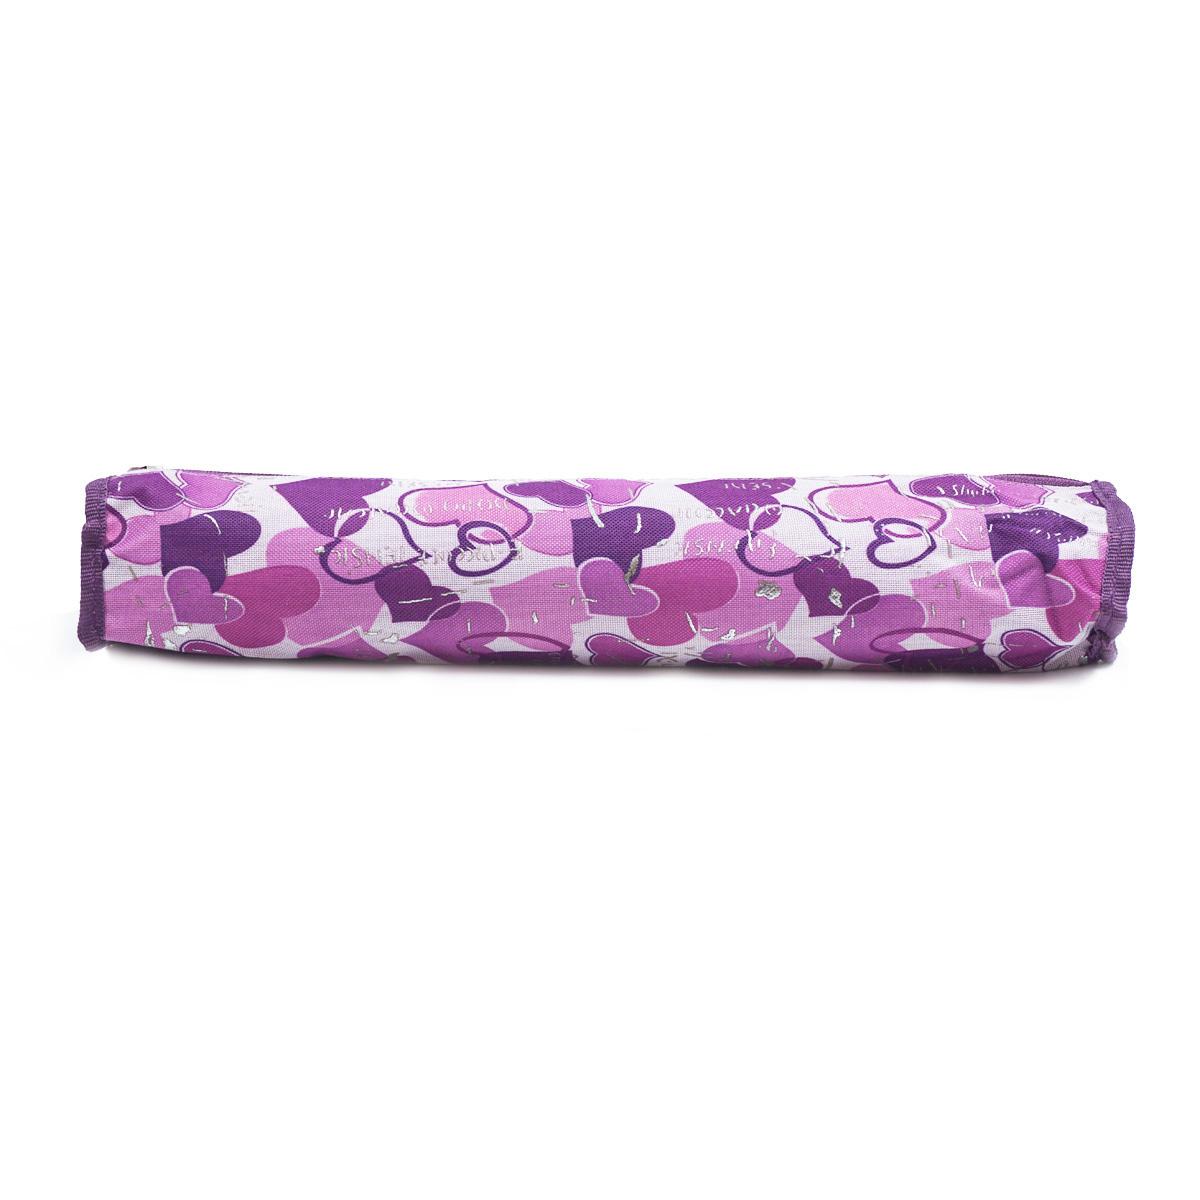 Футляр для хранения вязальных принадлежностей 890501, 40х6 см, лиловый цвет, Hobby&Pro